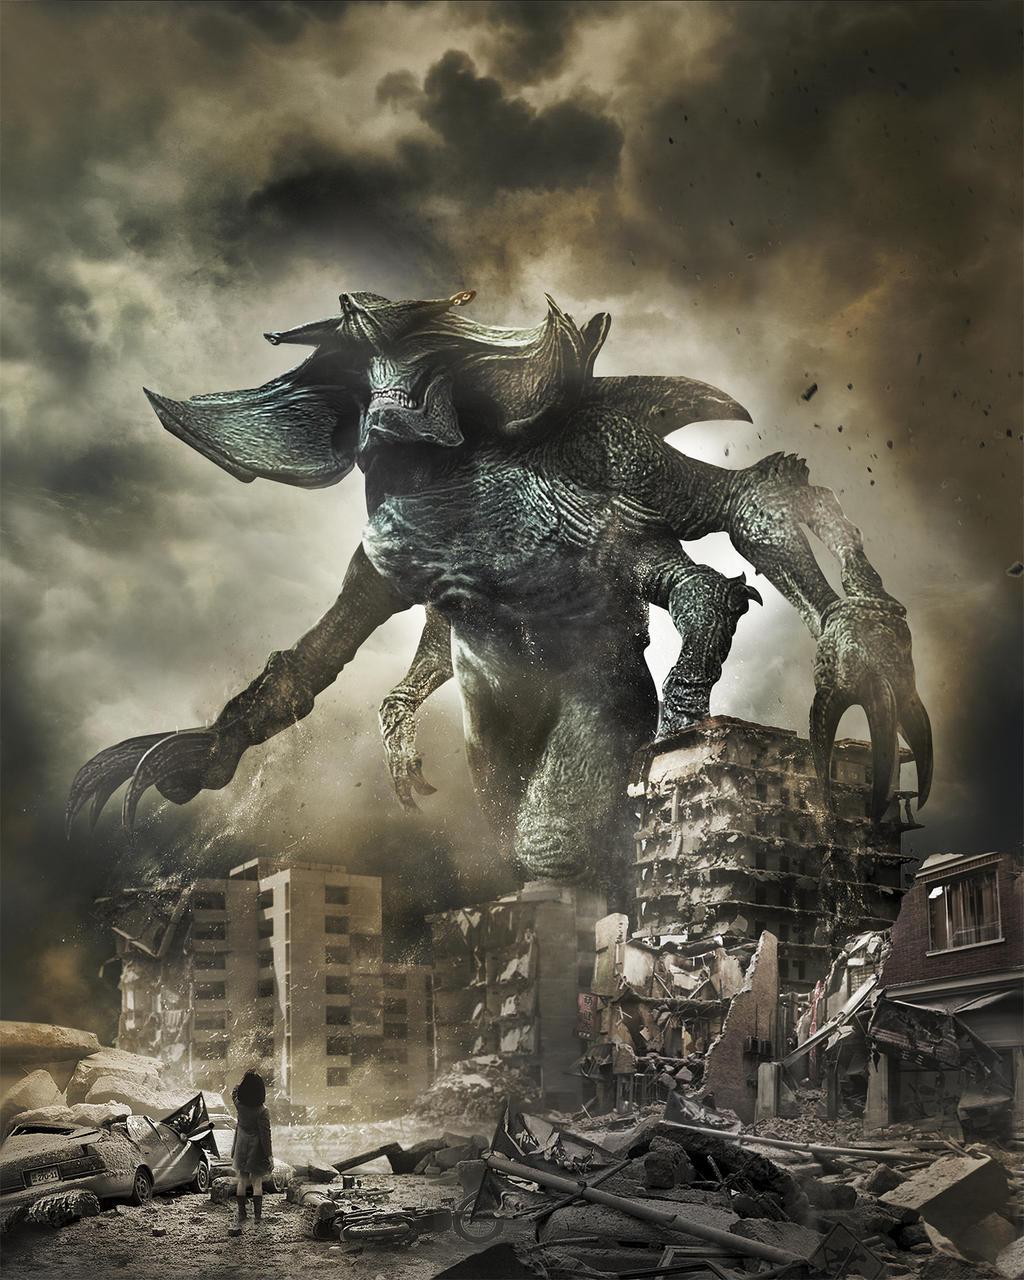 Pacific Rim Kaiju Poster Pacific Rim [Hi-Res Te...